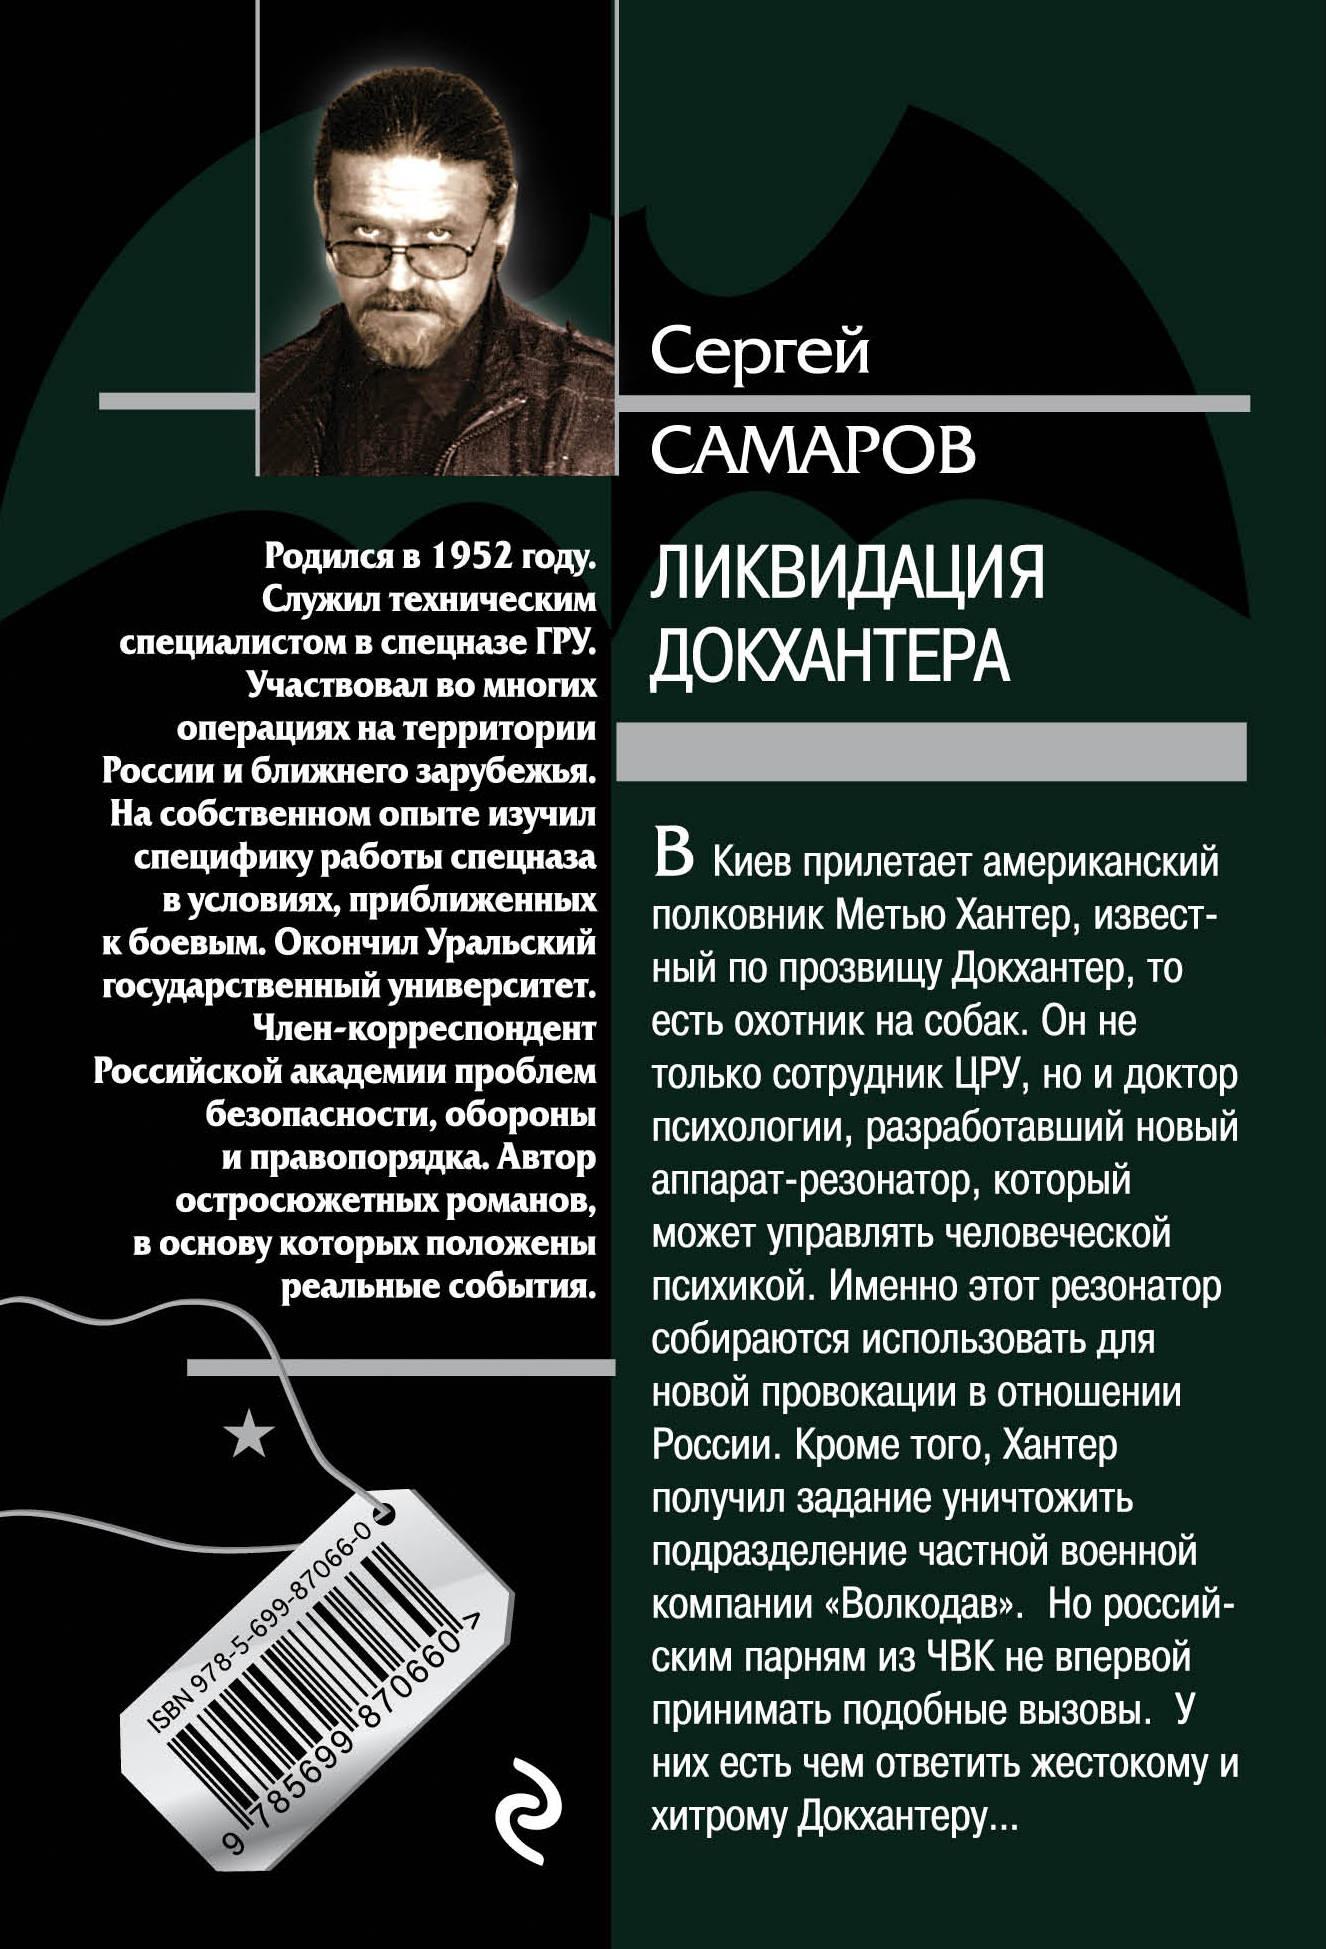 САМАРОВ ЛИКВИДАЦИЯ ДОКХАНТЕРА СКАЧАТЬ БЕСПЛАТНО